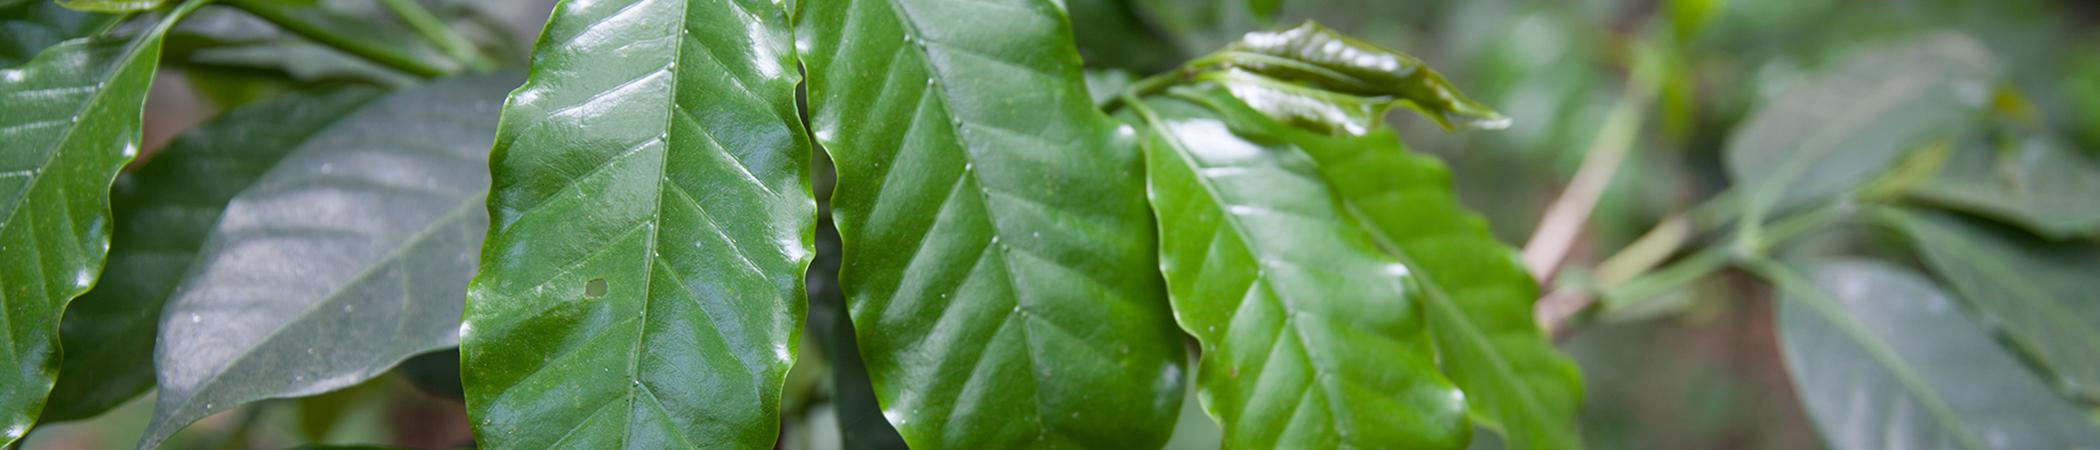 Kafferosten har halverat Mexikos kaffeskörd